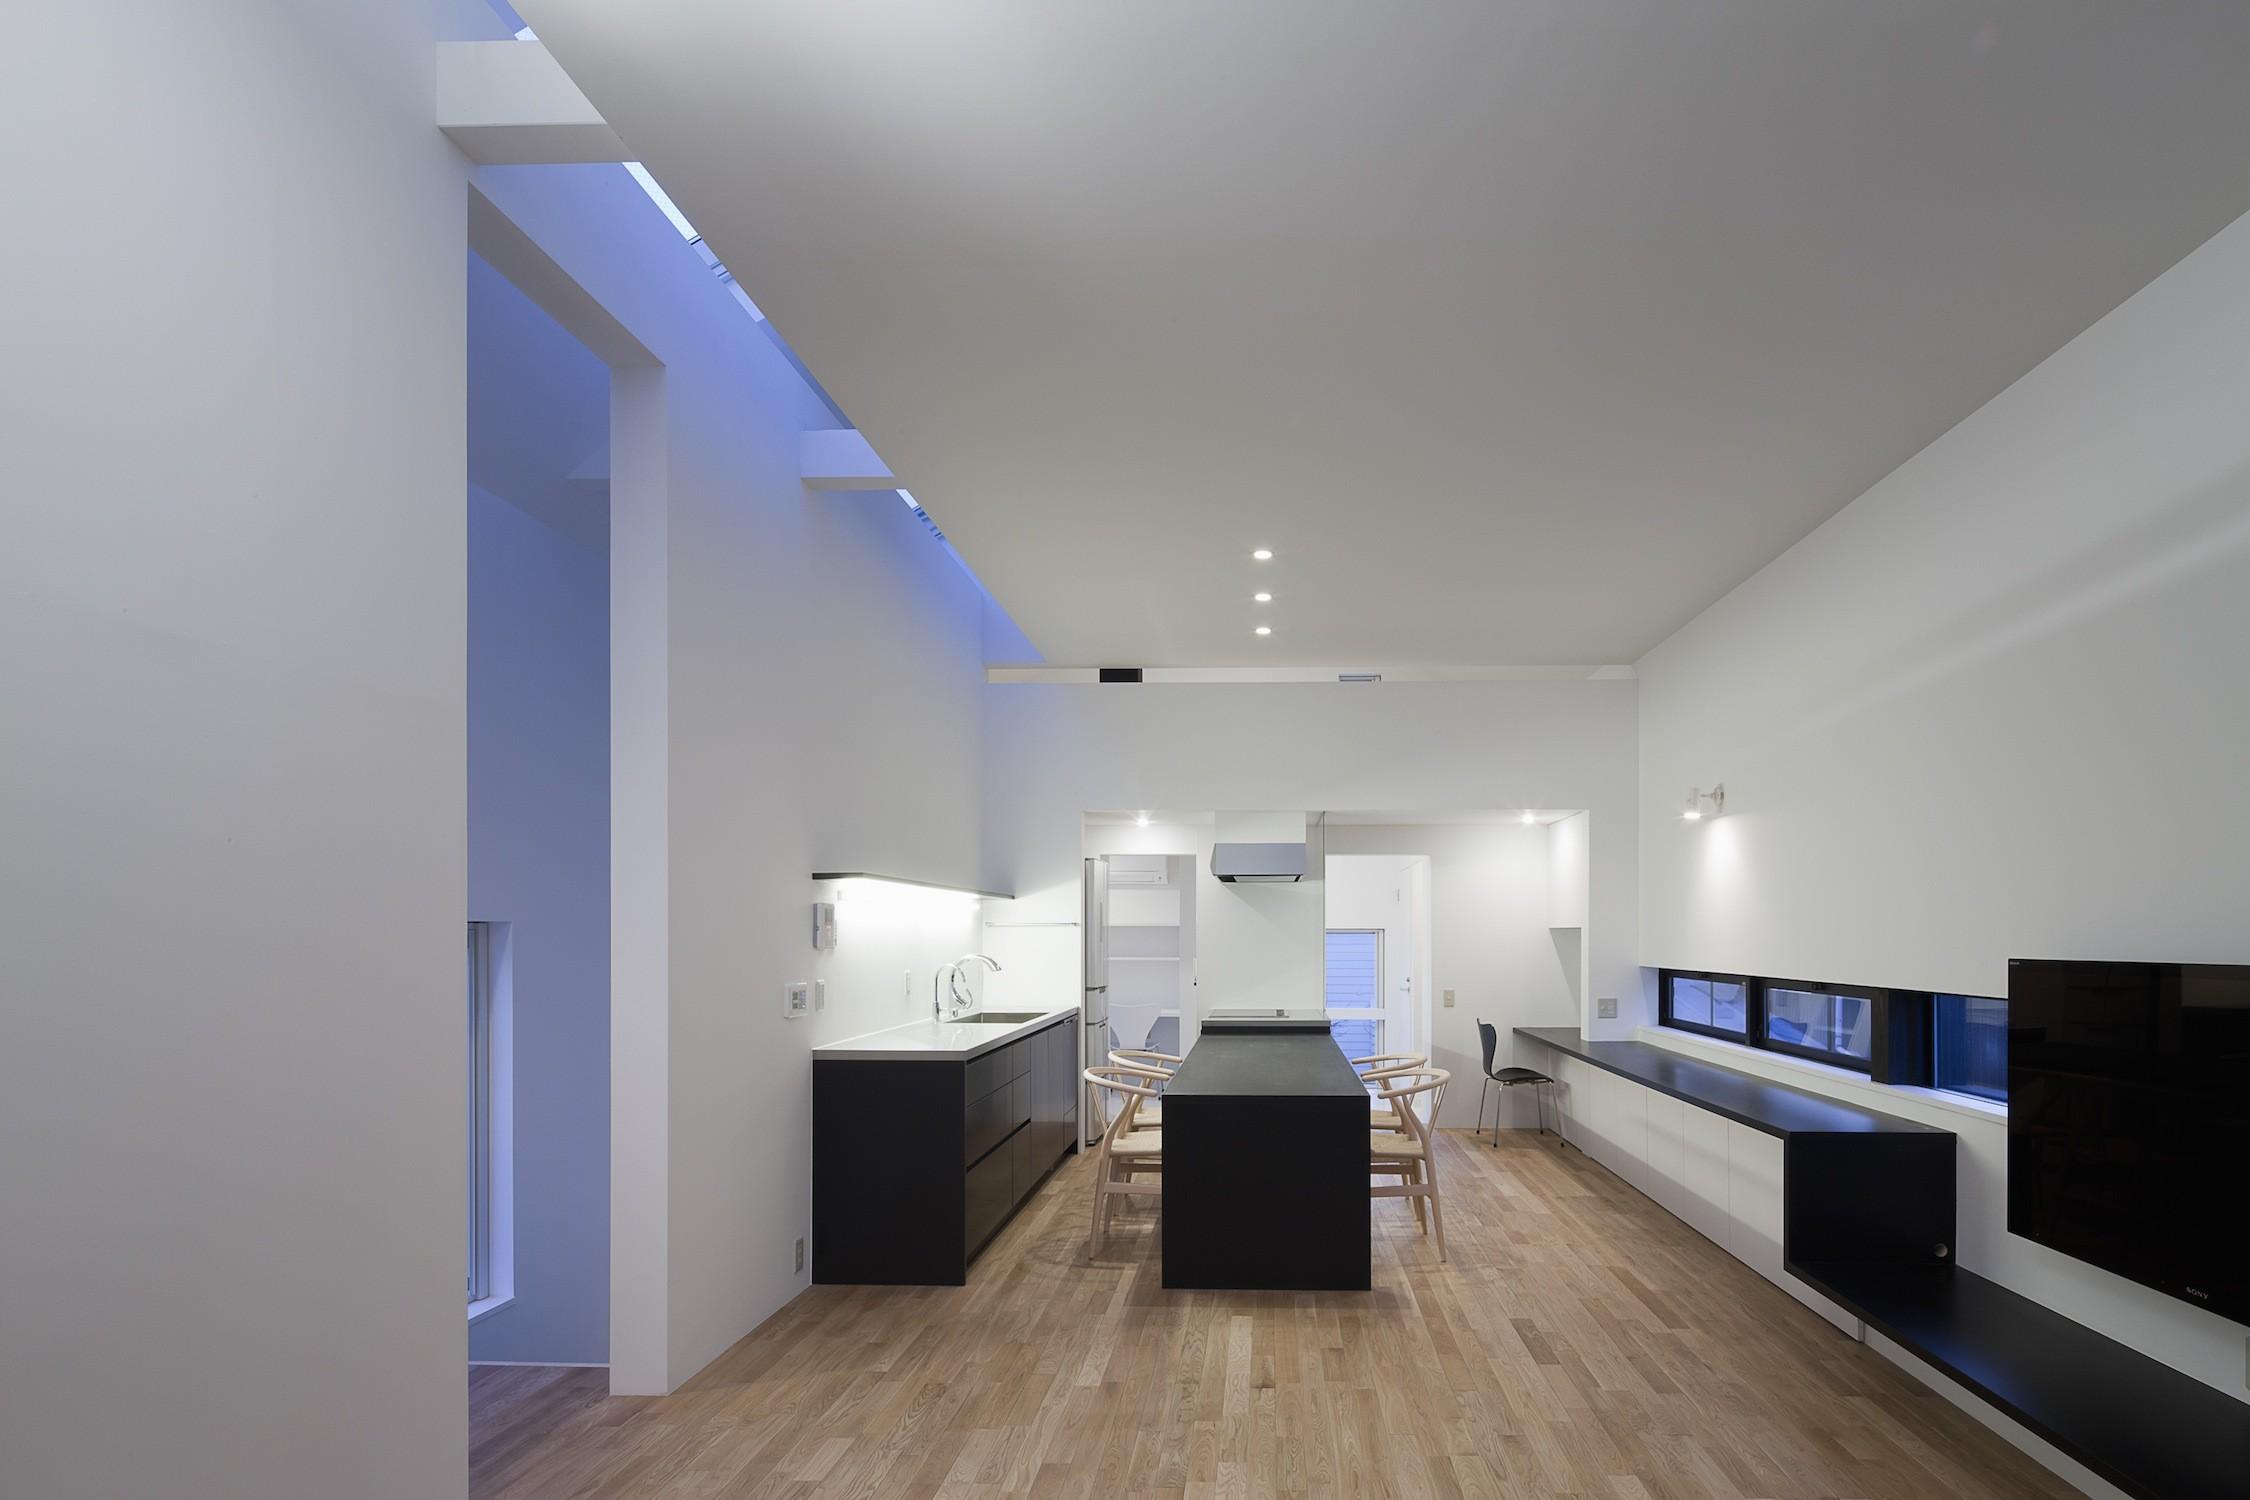 リビングダイニング事例:天井スリットから光を取り込むリビング(インナーバルコニーのある家 OUCHI-25)